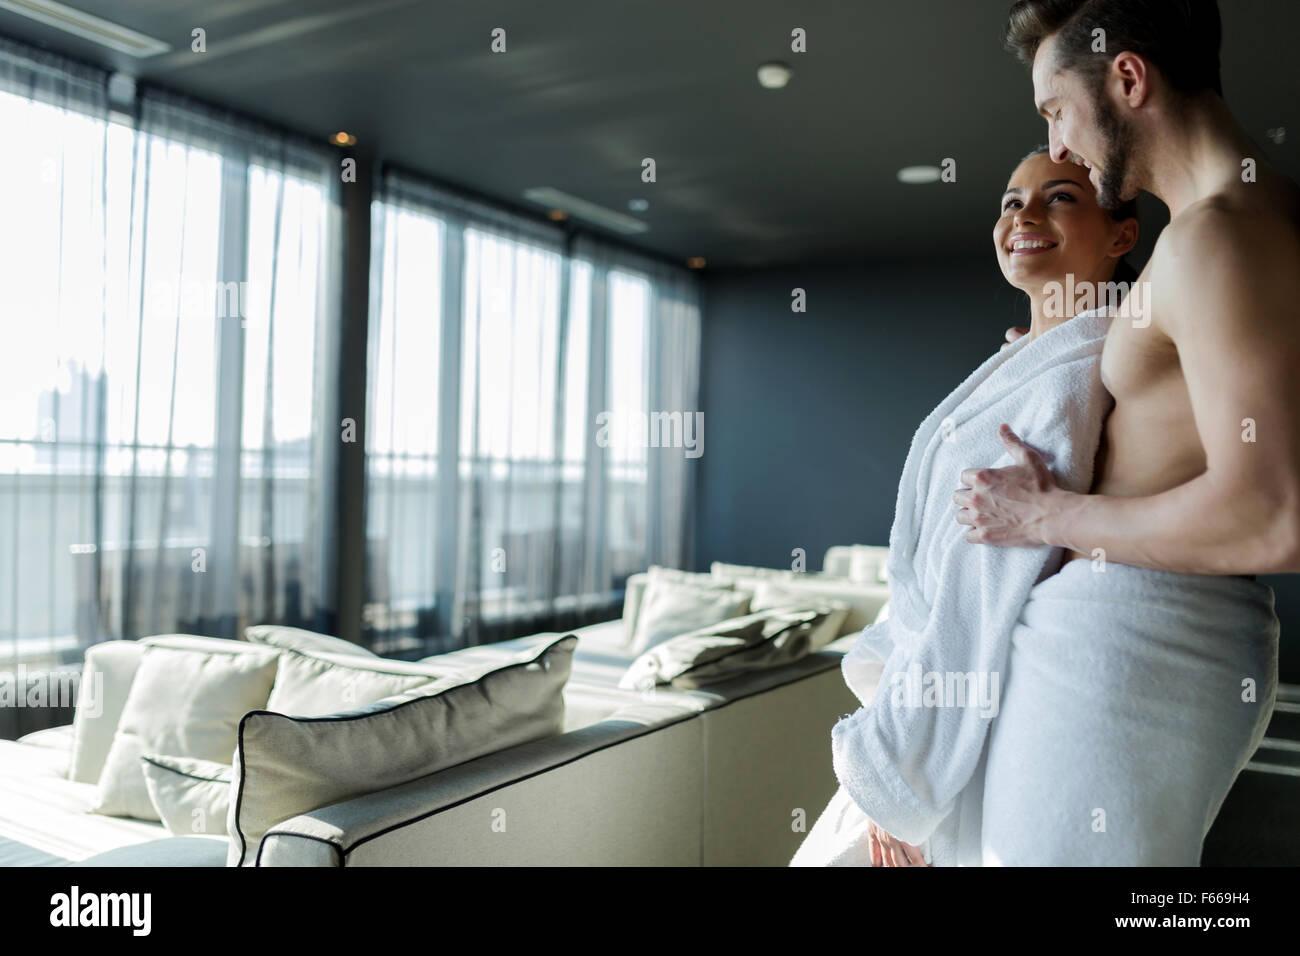 Pareja en amor relajante en un hotel wellness con una hermosa vista panorámica Imagen De Stock